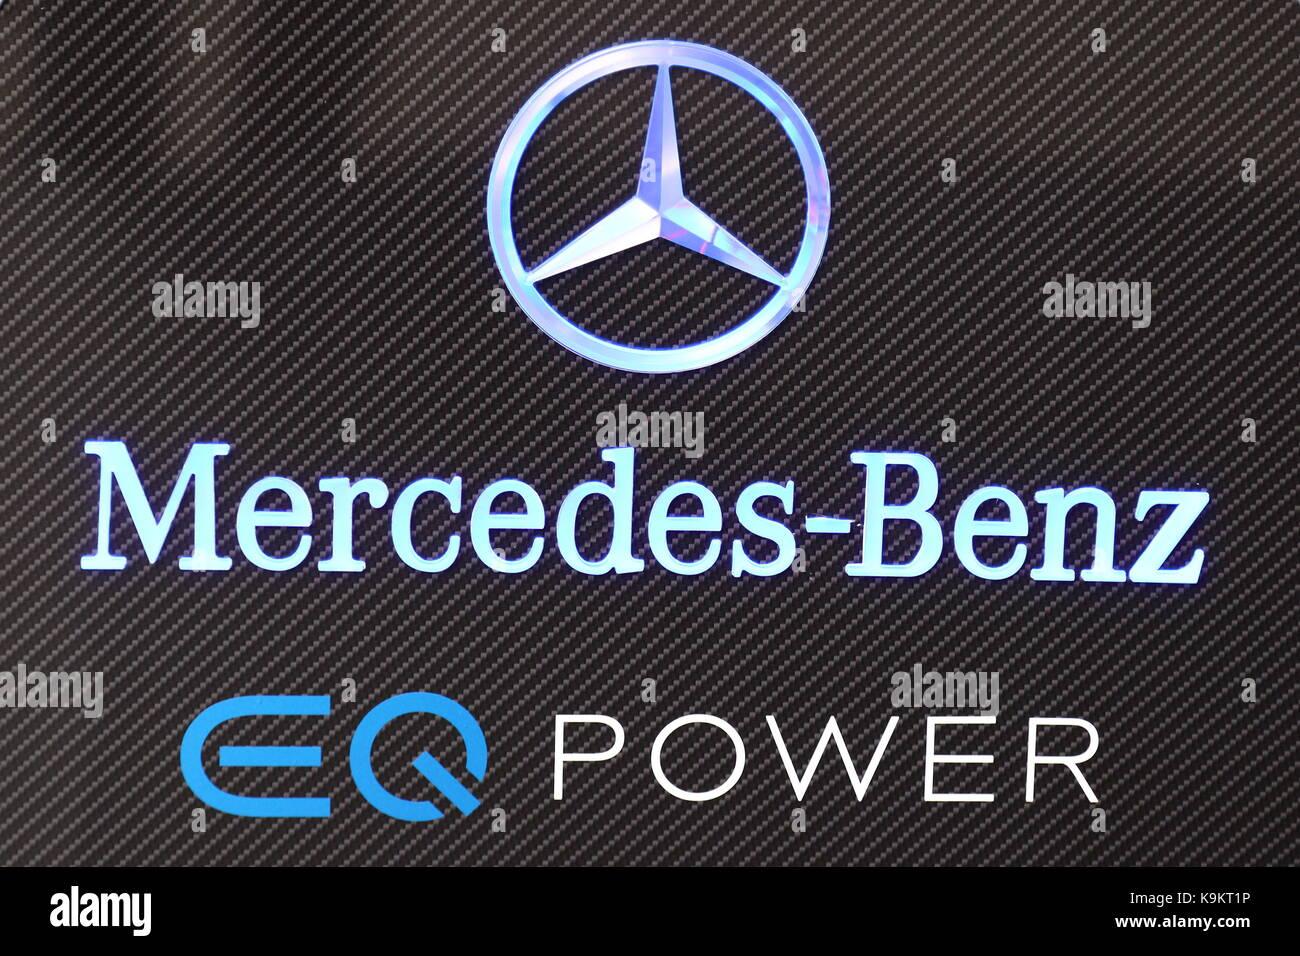 Mercedes-benz promovido coches híbridos bajo el logotipo y la marca de alimentación eq en el salón Imagen De Stock